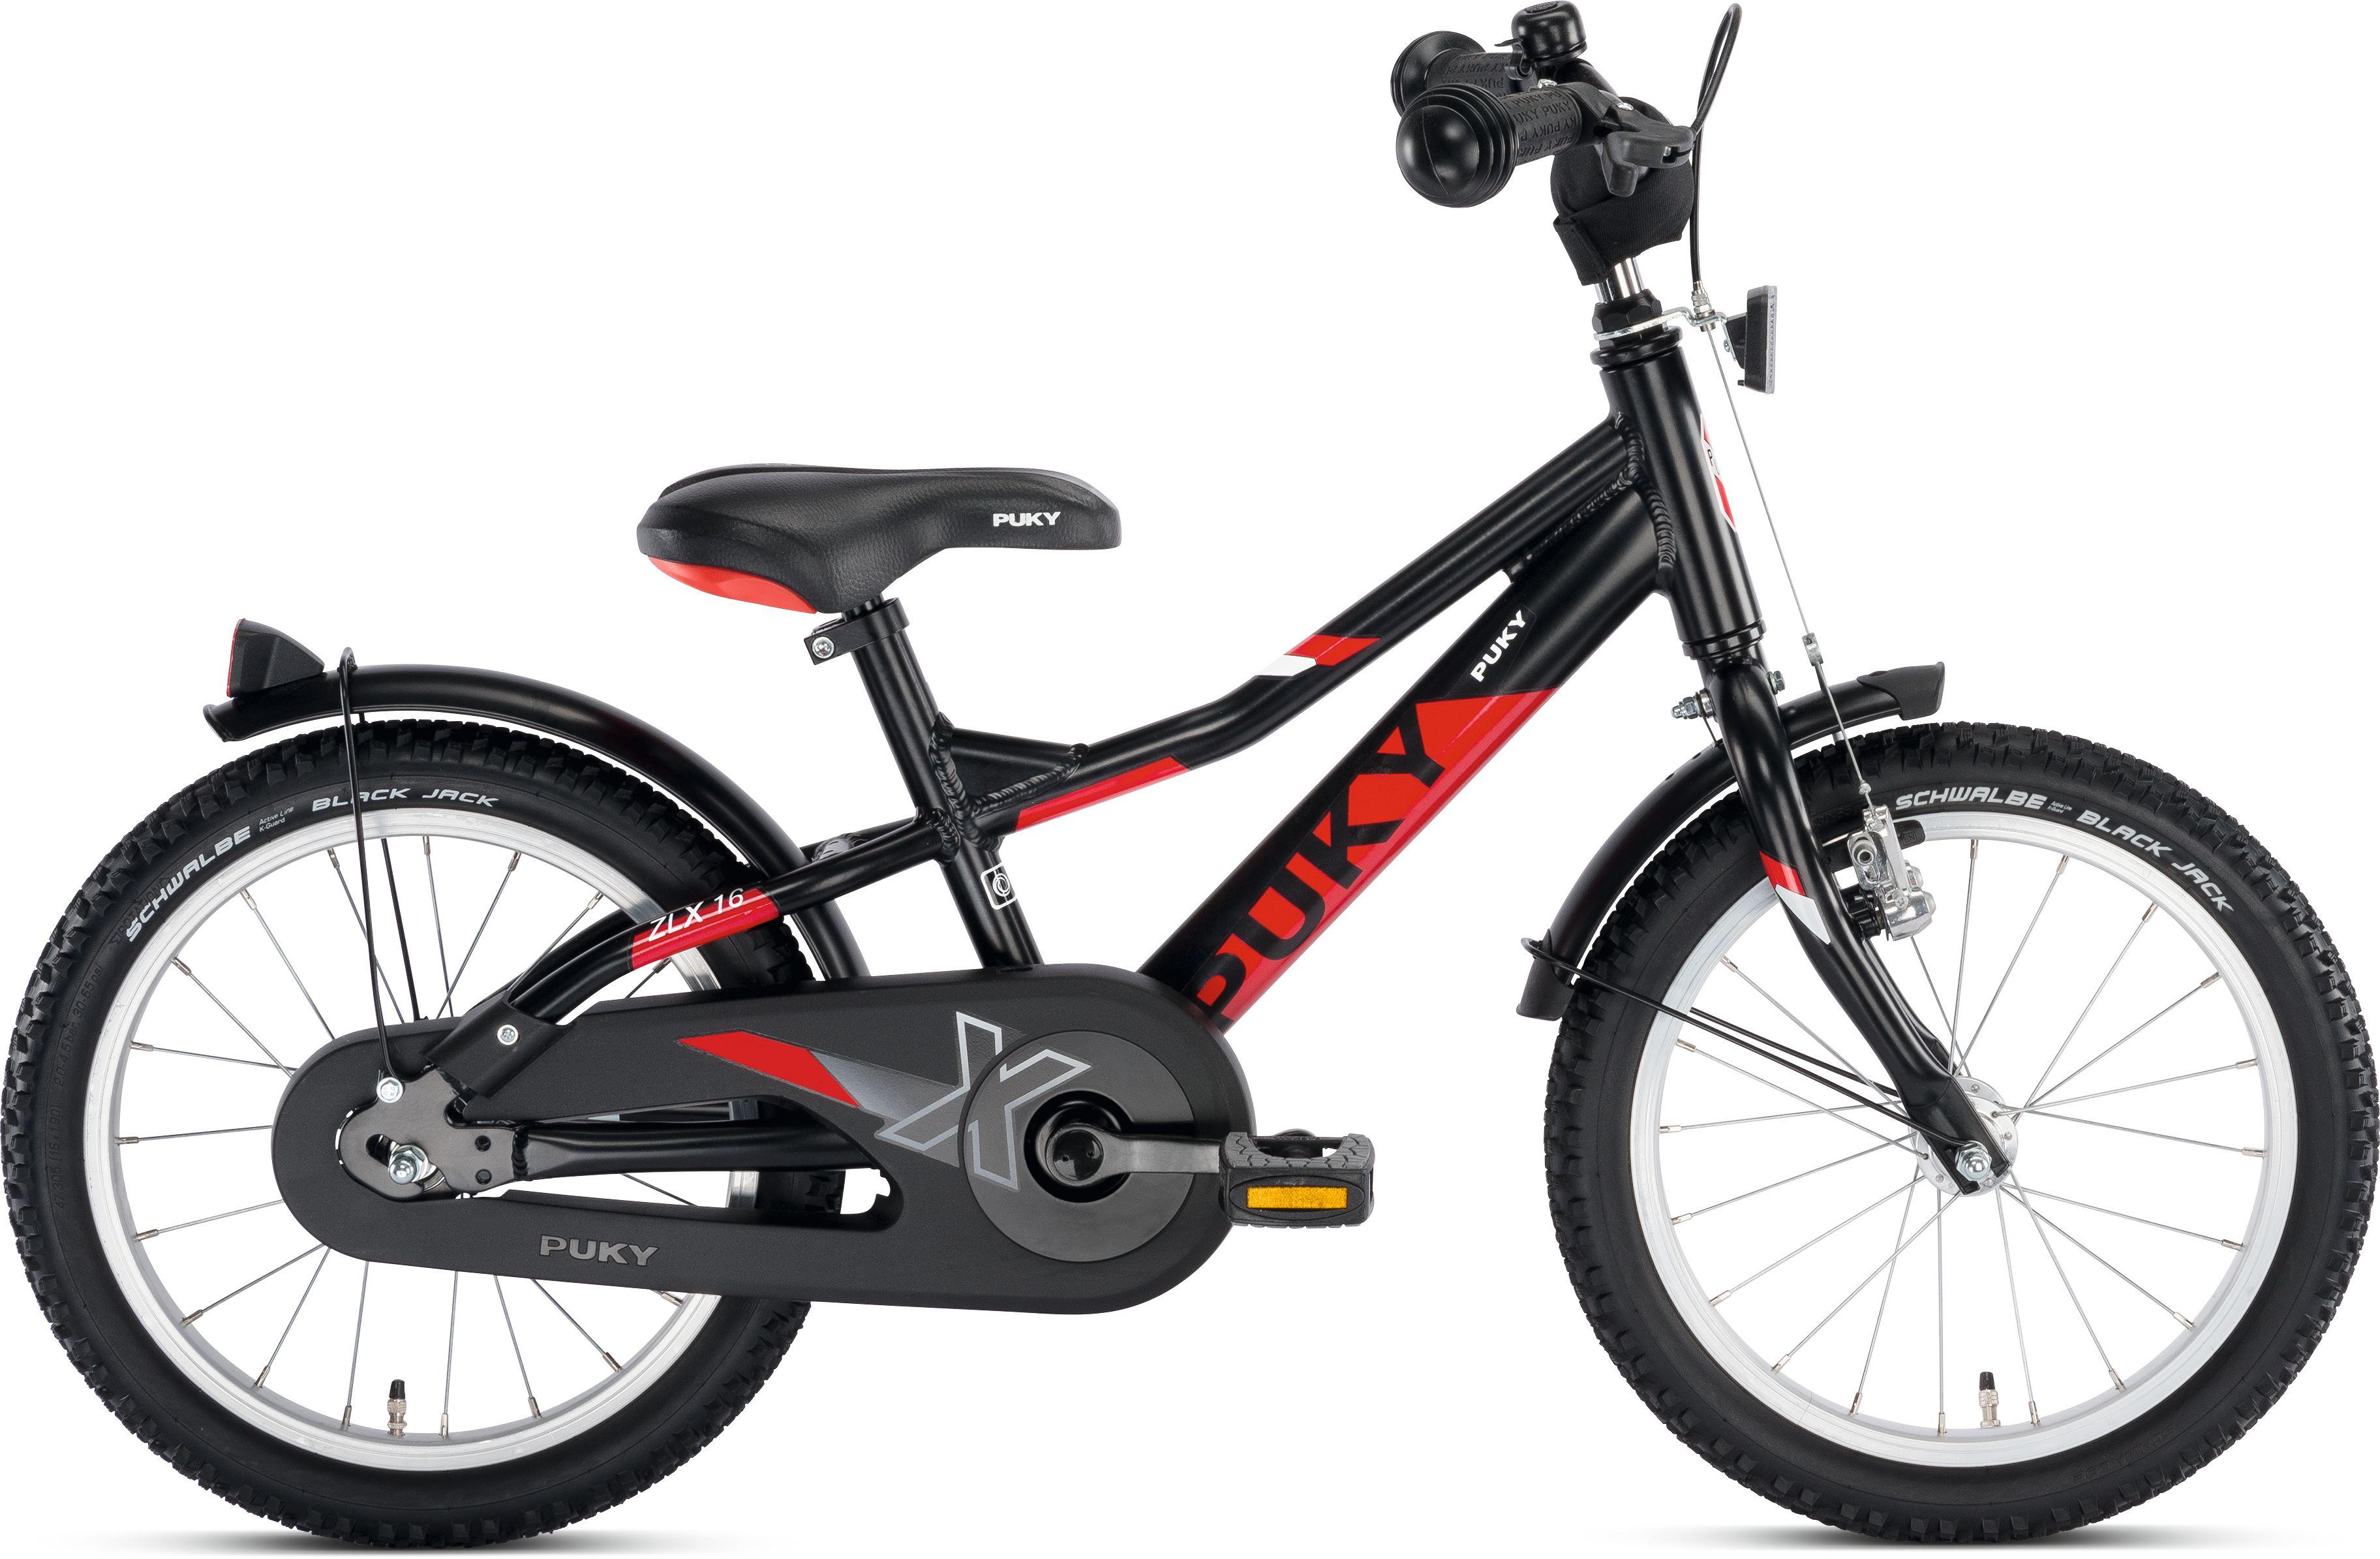 Велосипед Puky Zlx-16-1 Alu 2016 Black